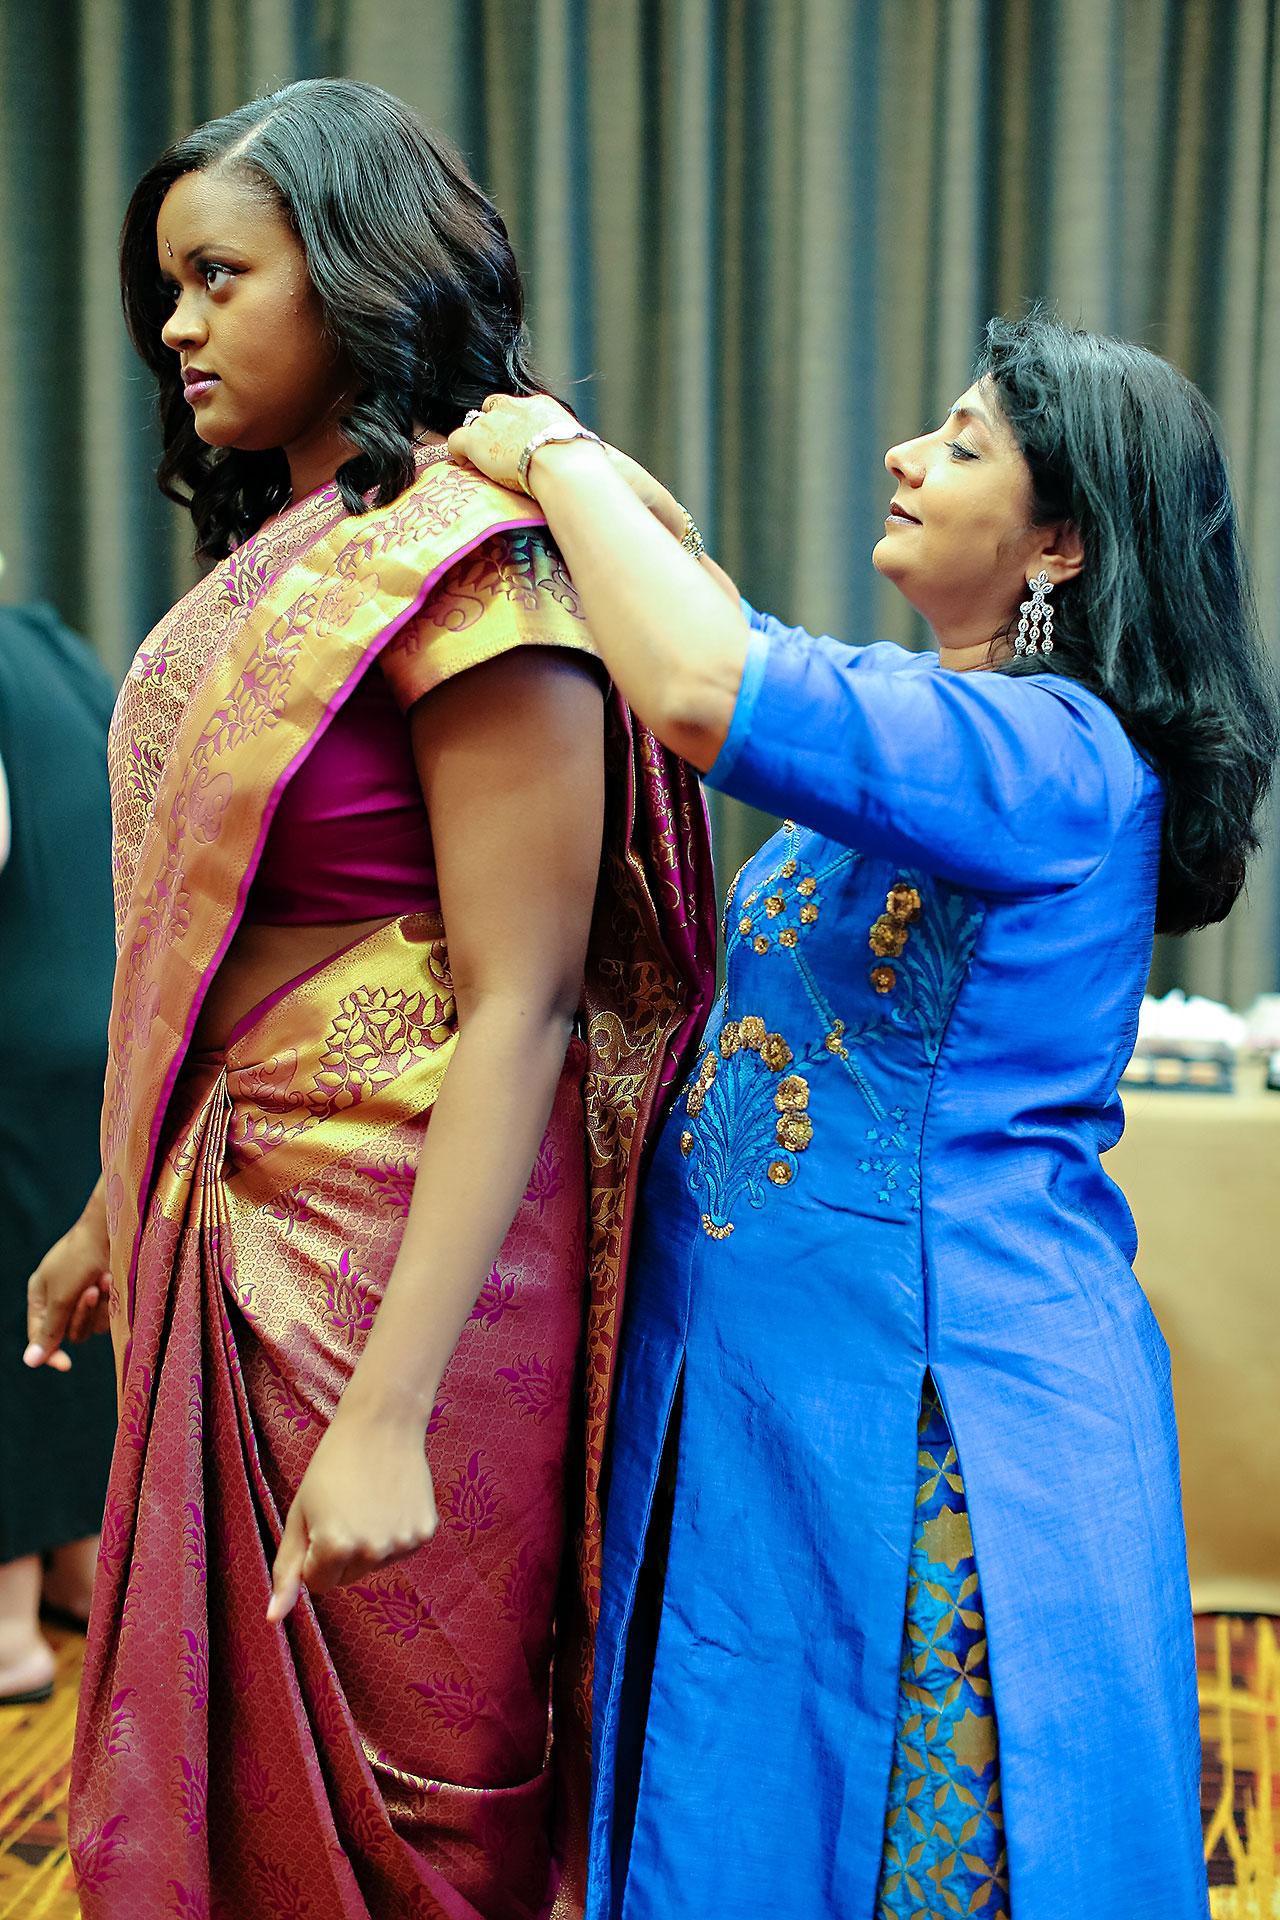 Joie Nikhil JW Marriott Indian Wedding 016